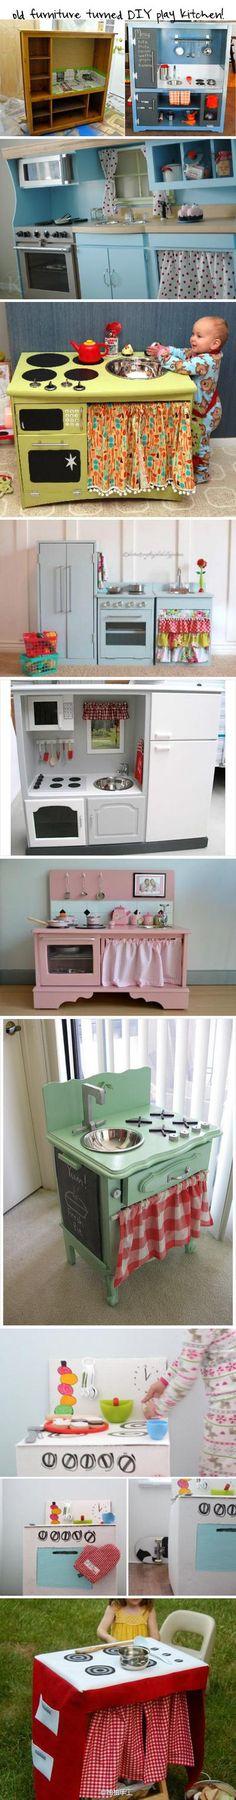 Zelfgemaakte Keuken : Keuken Kasten op Pinterest – Keukenkasten, Kasten en Keuken Kast